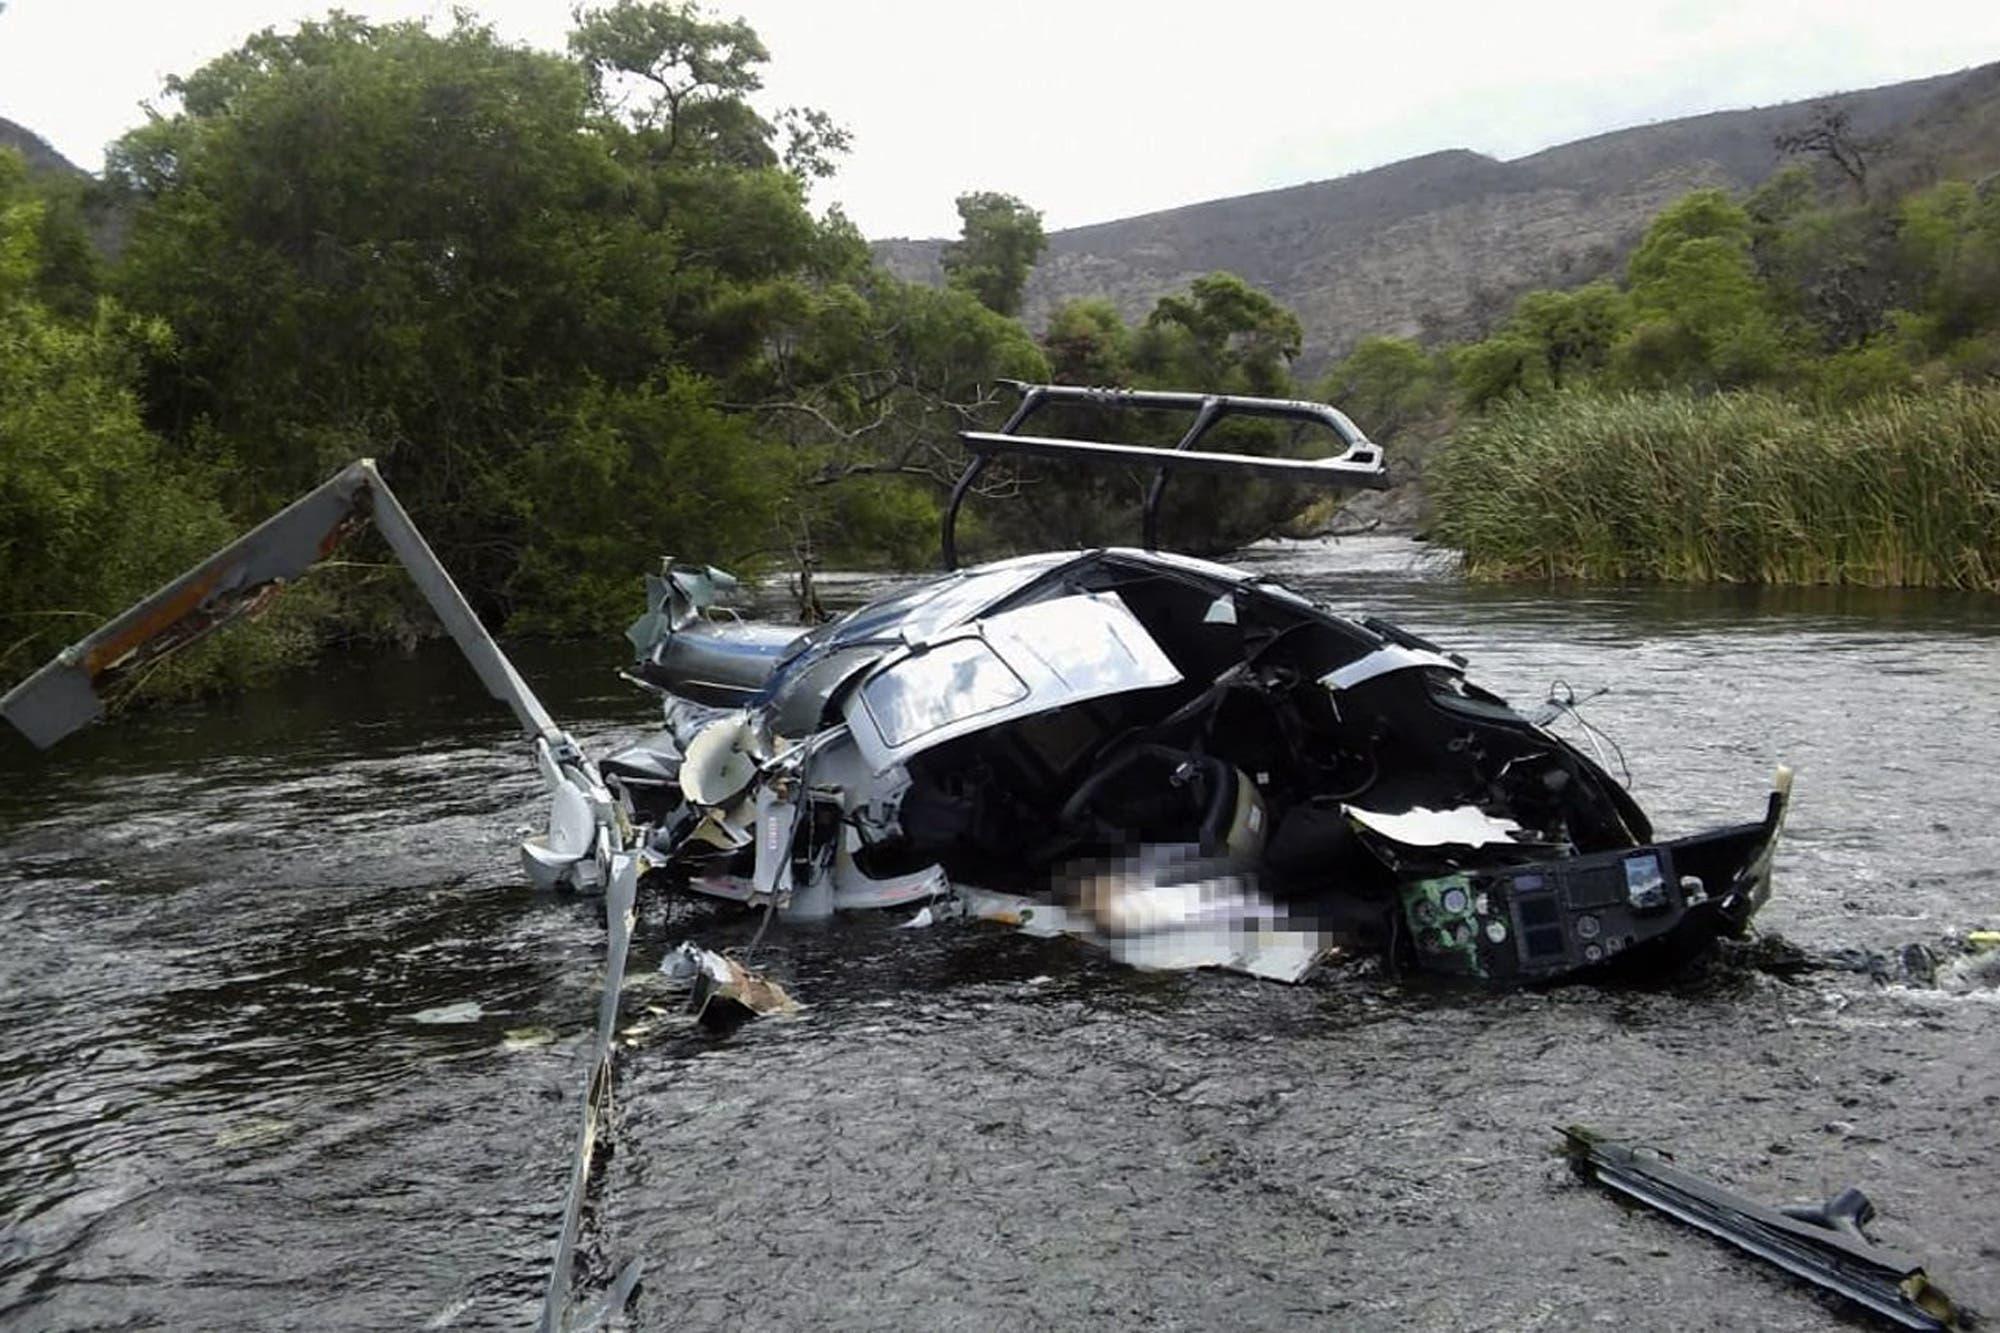 """Murió Jorge Brito: según los resultados preliminares de la autopsia, fue una """"muerte accidental por traumatismos"""""""